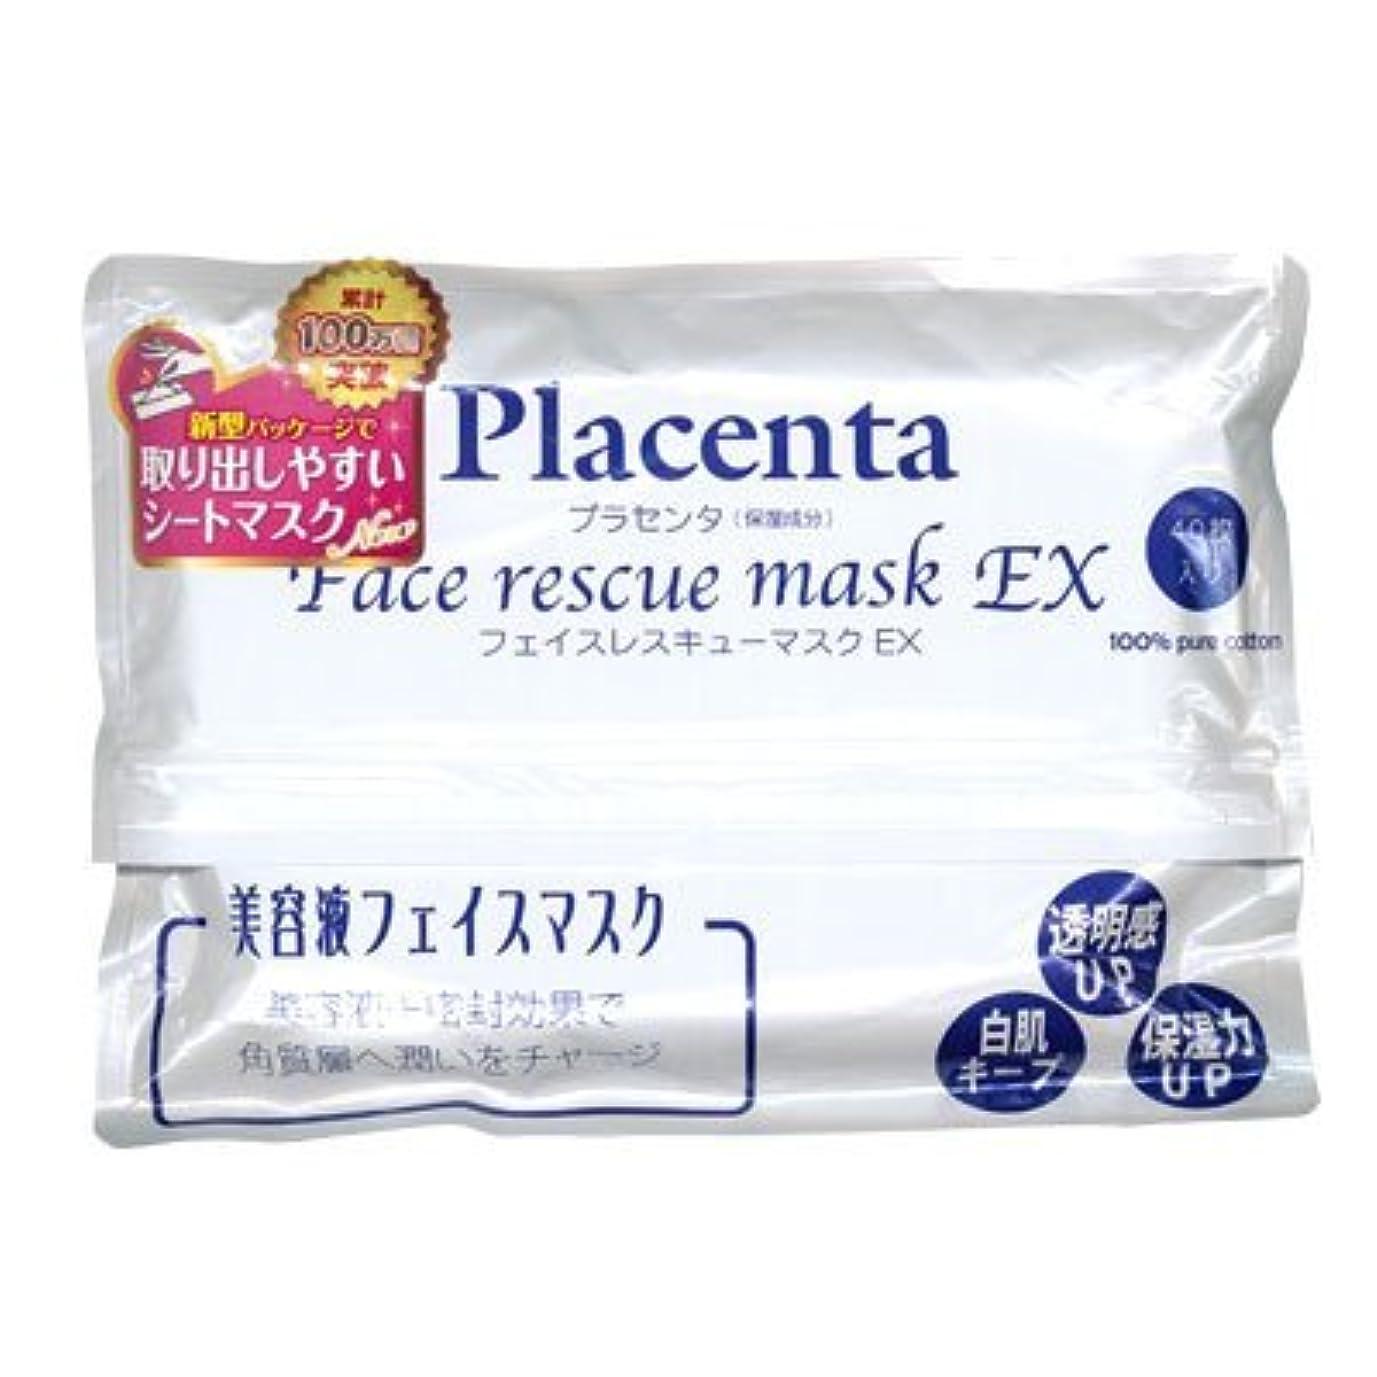 受粉する機会簡単なプラセンタ フェイスレスキューマスク EX 40枚入り